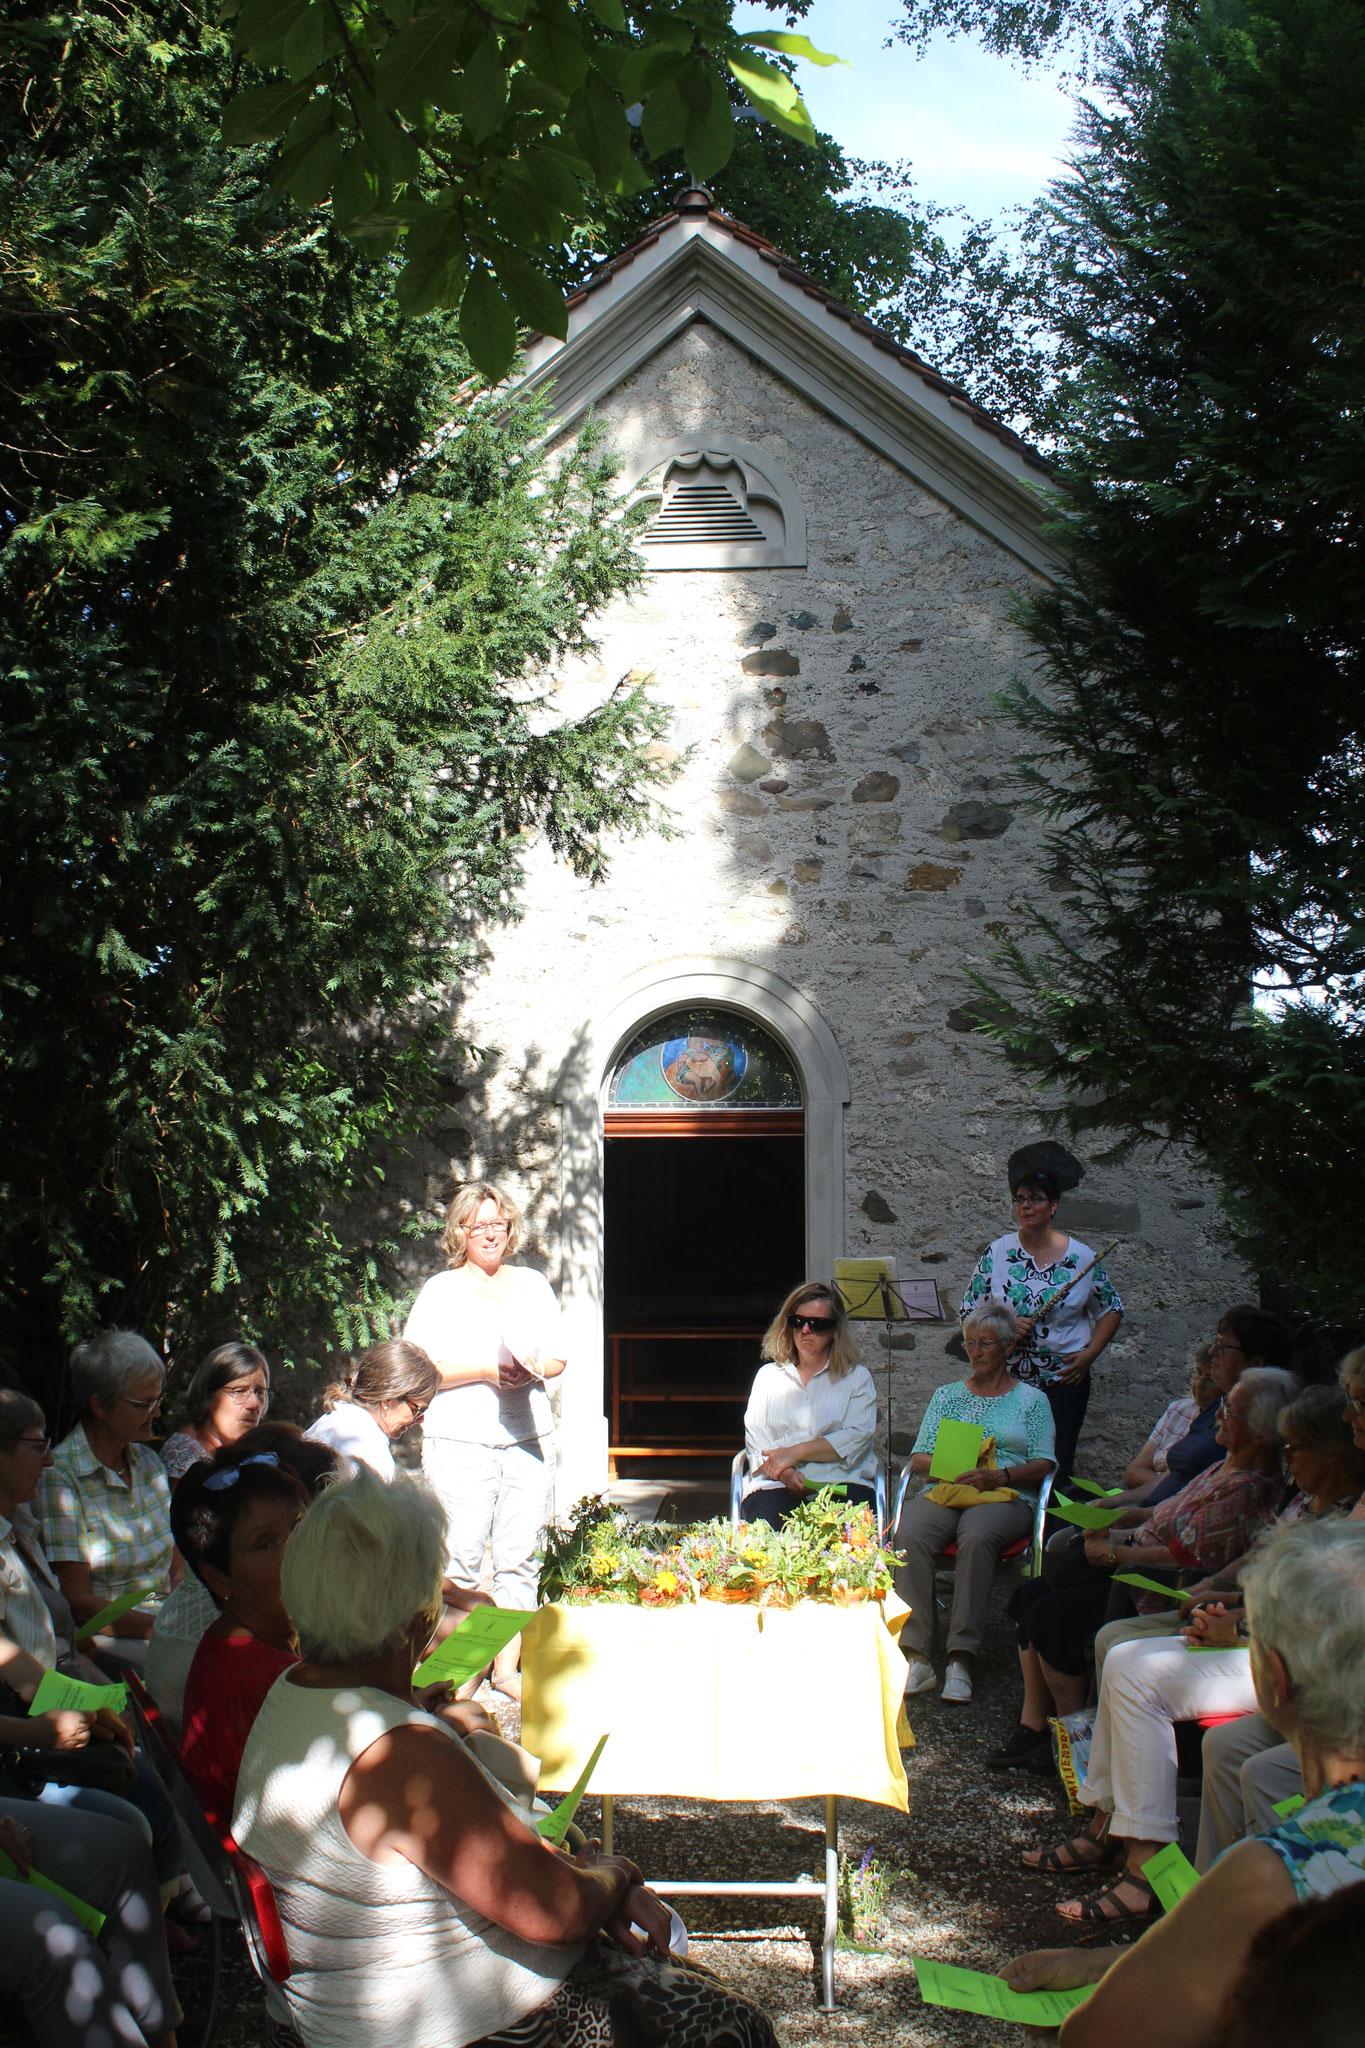 Gemütliches Beisammensein im Klostergarten